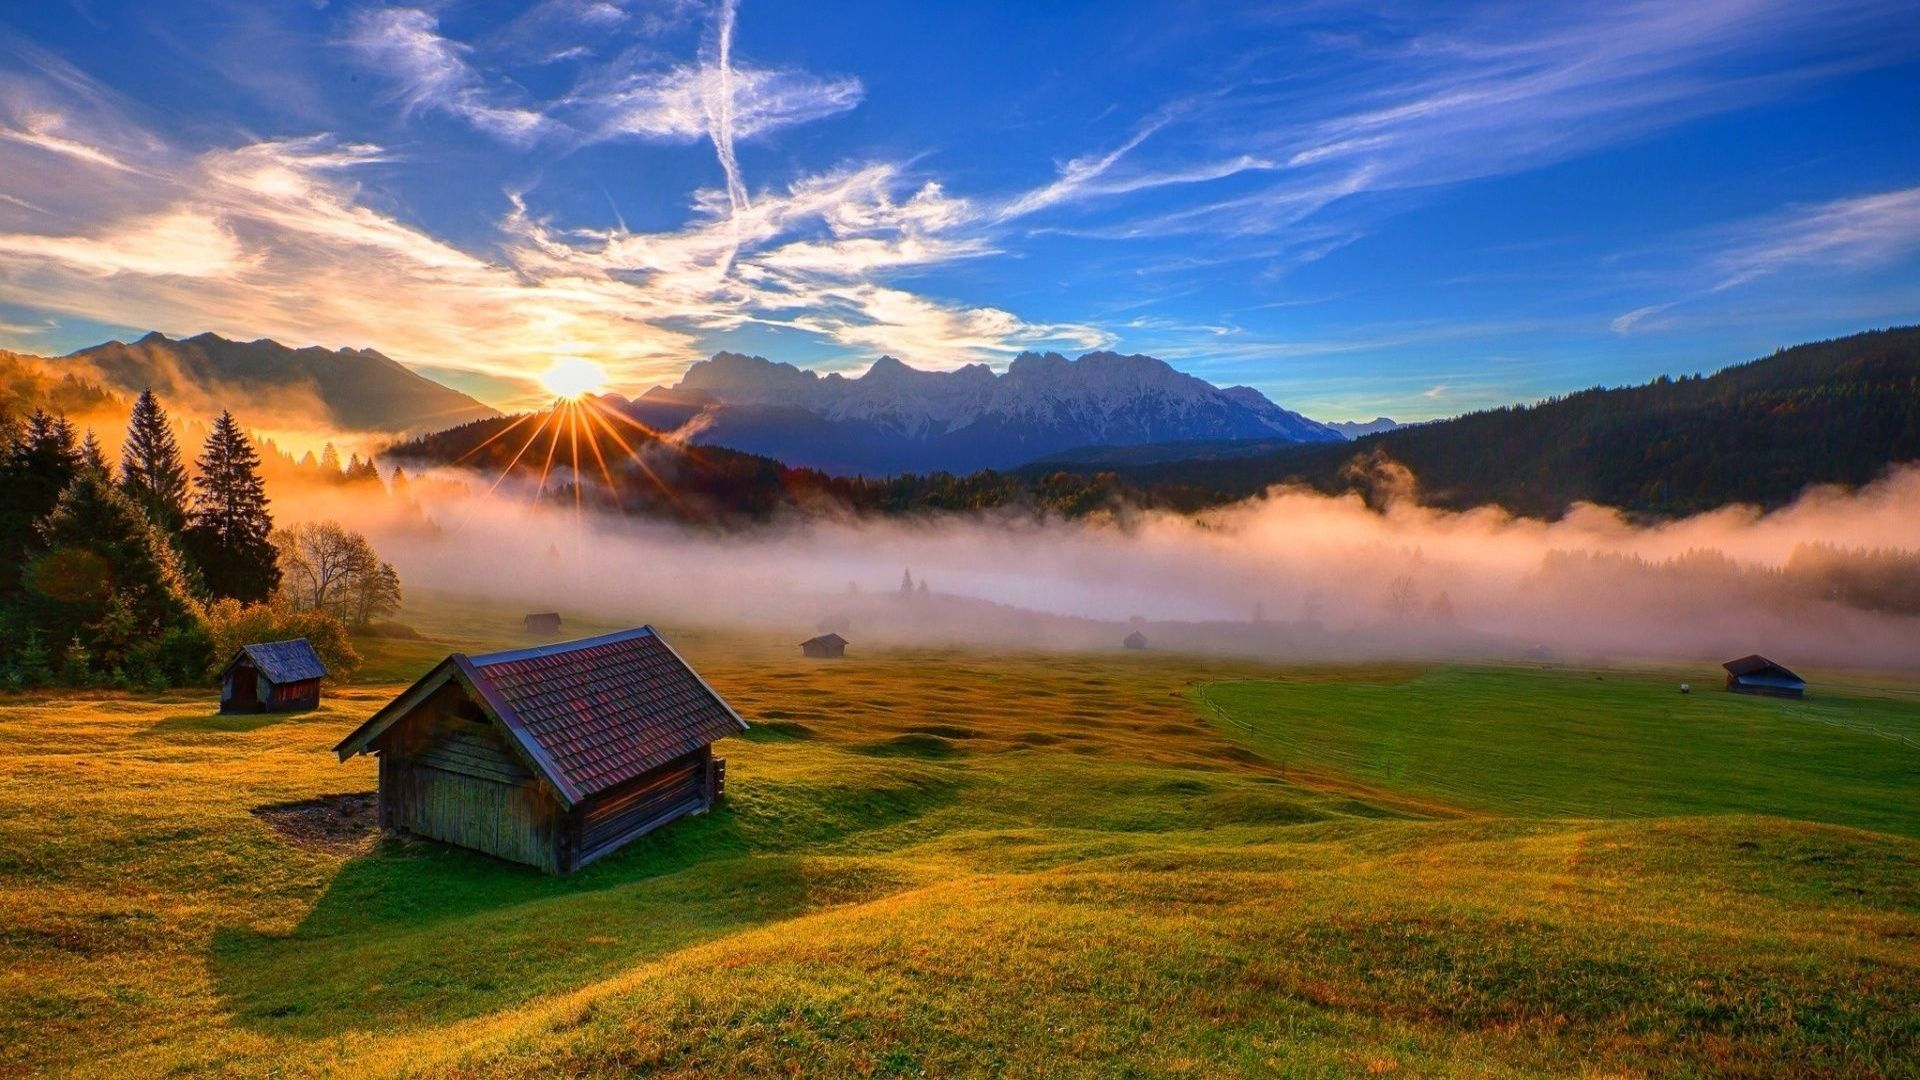 Haus am meer bei sonnenuntergang  HD Hintergrundbilder tal berge sonne sonnenuntergang haus nebel ...